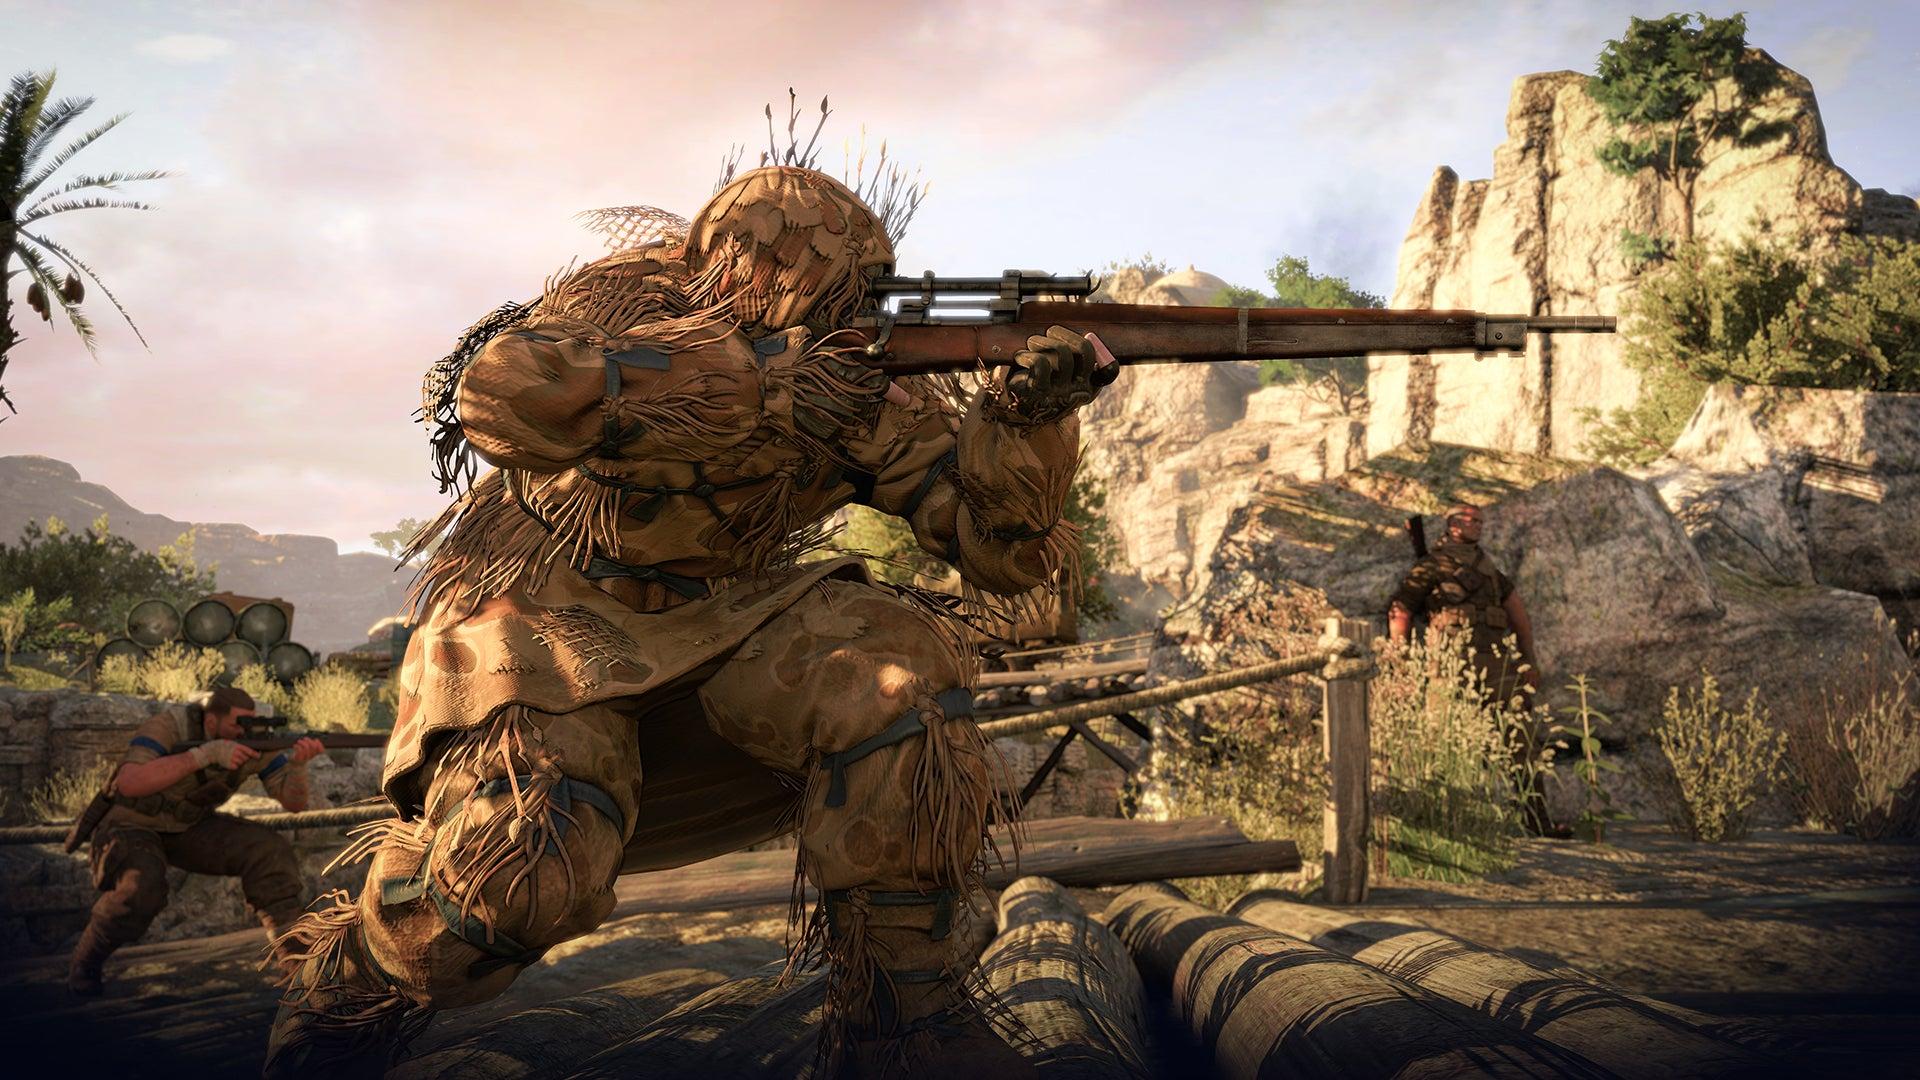 Sniper Elite 3 Steam Codes Stolen, Resold To Innocent Buyers, Revoked